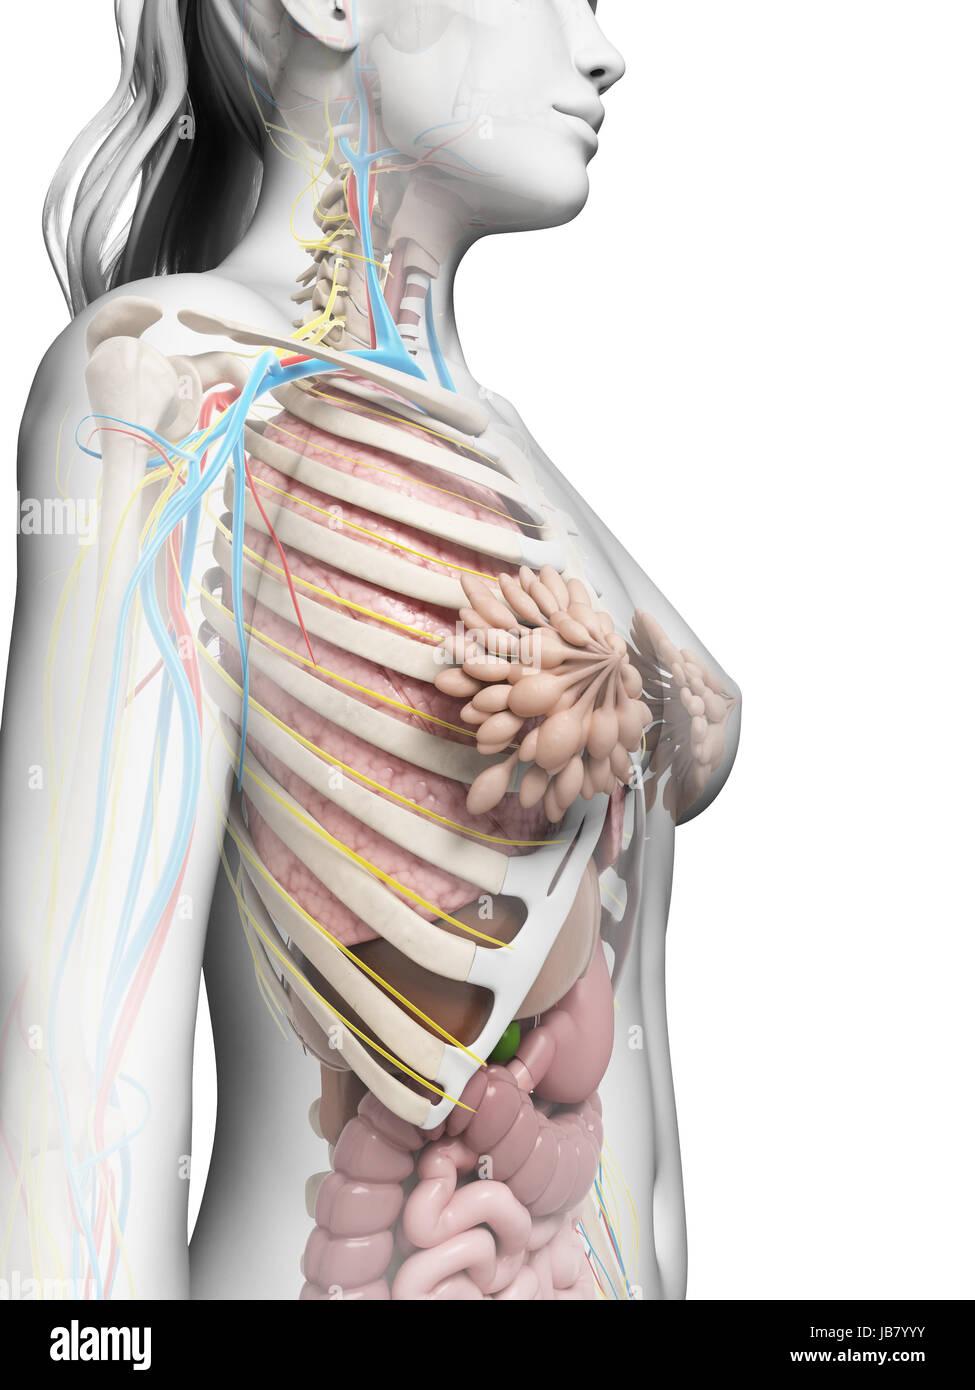 Nett Internes Weibliche Anatomie Diagramm Galerie - Anatomie Von ...